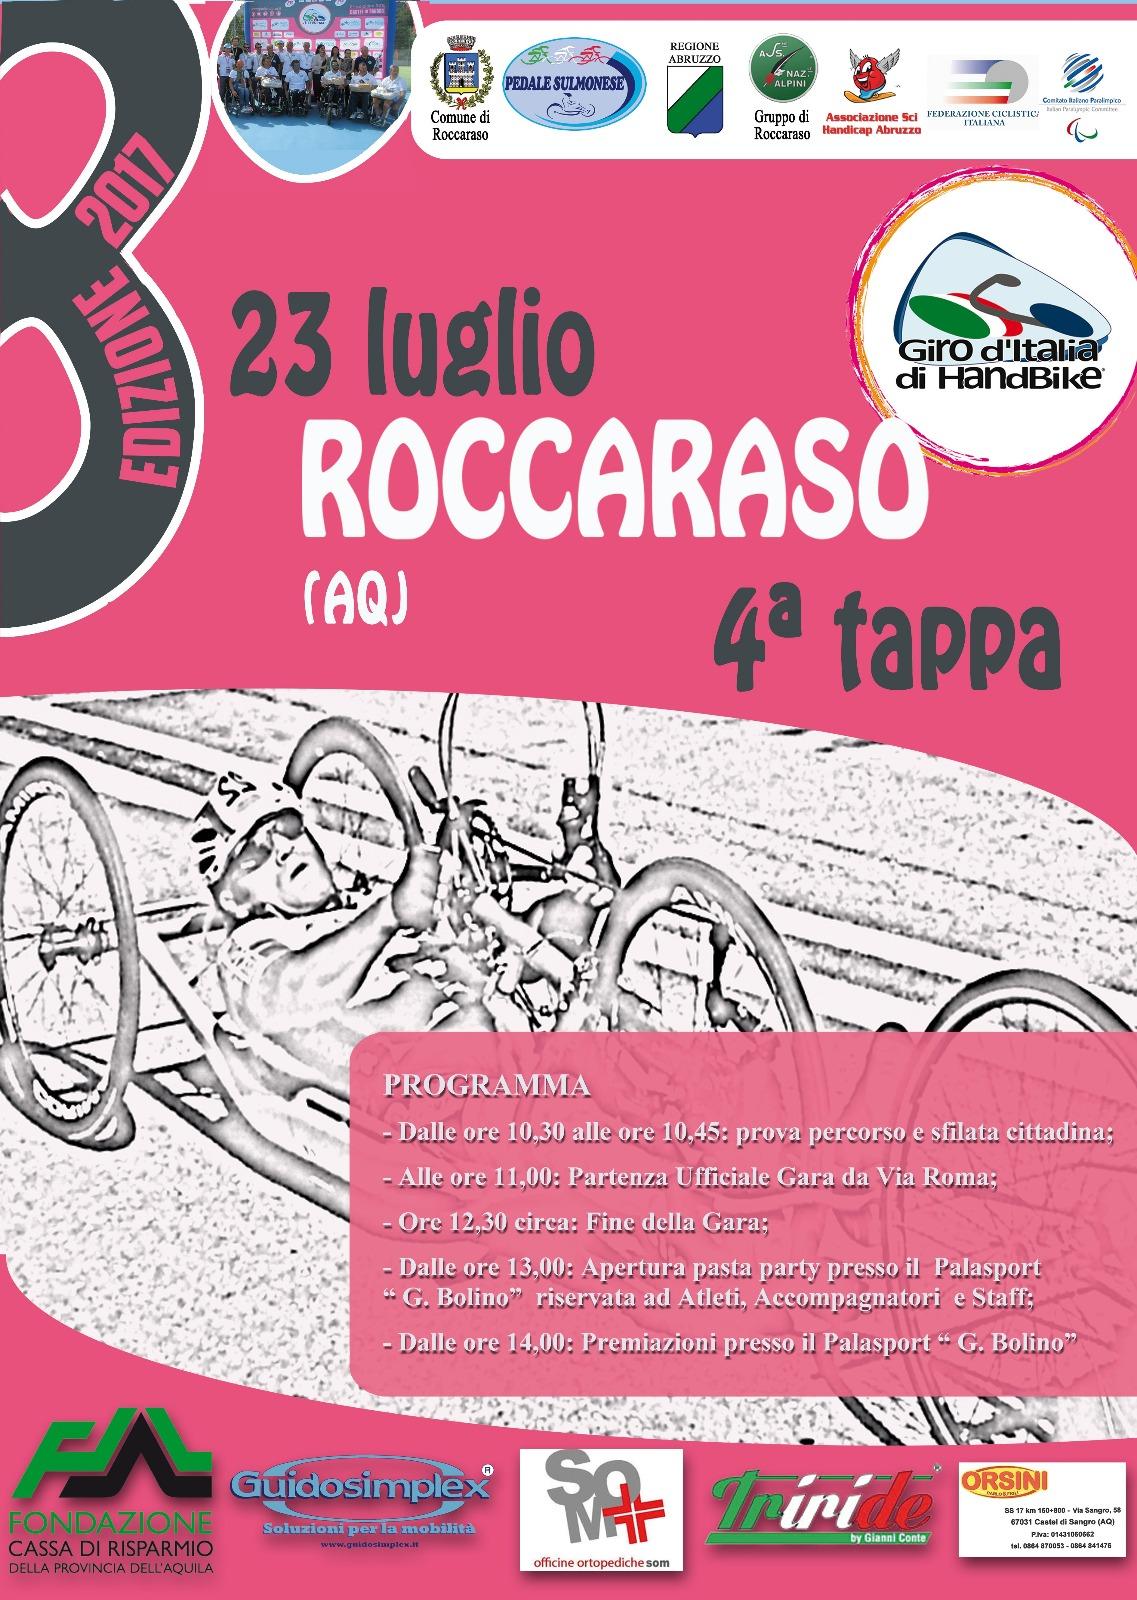 Giro d'italia di Handbike Roccaraso 23 luglio 2017